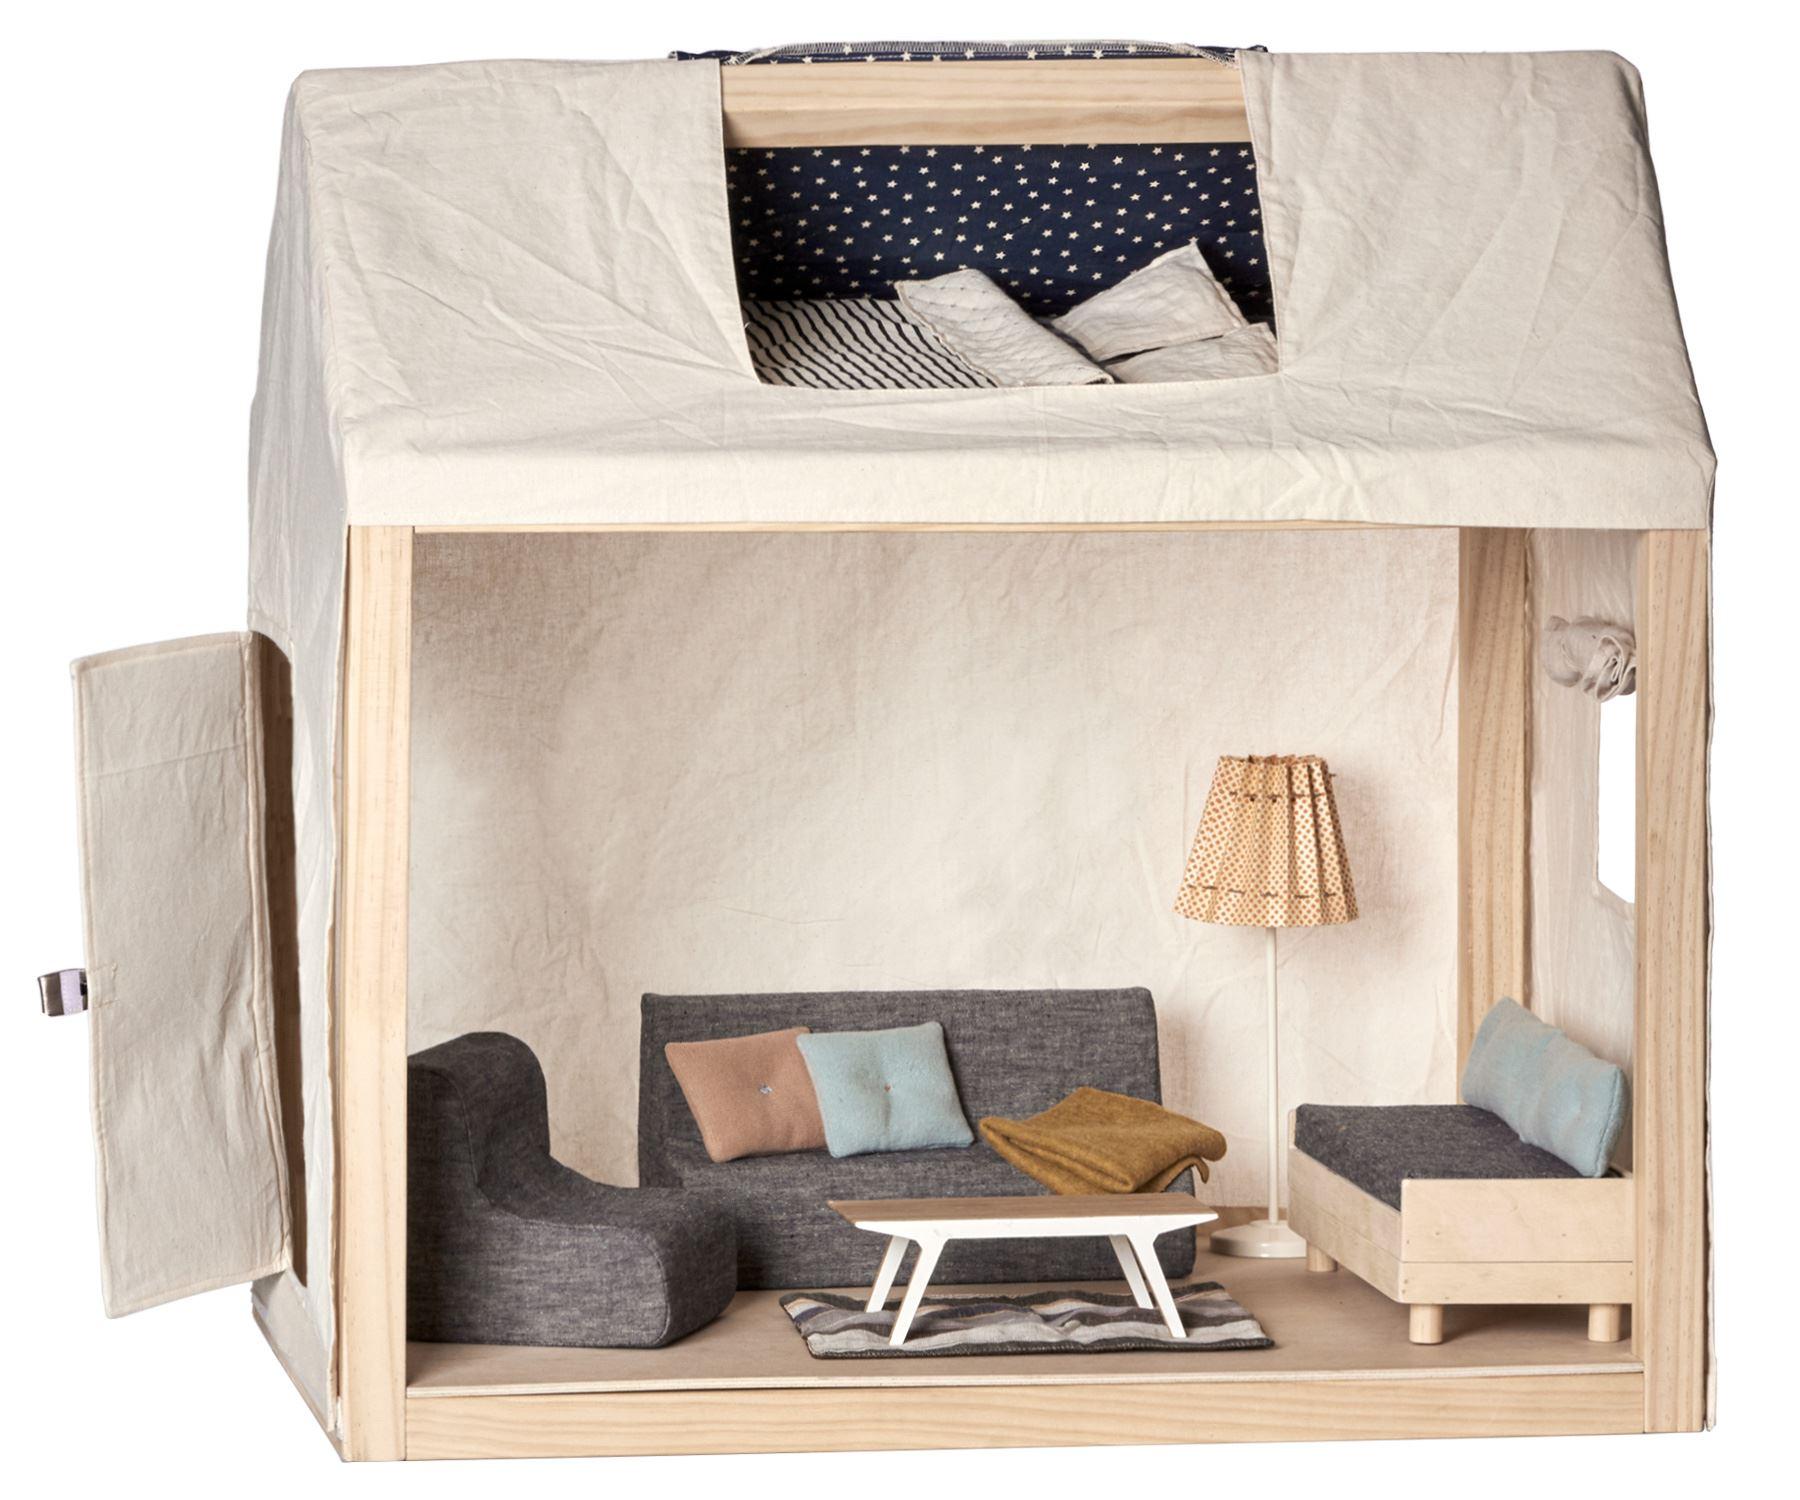 Maileg - The Ginger Familie heim / Haus - Möbel inklusive wie ...